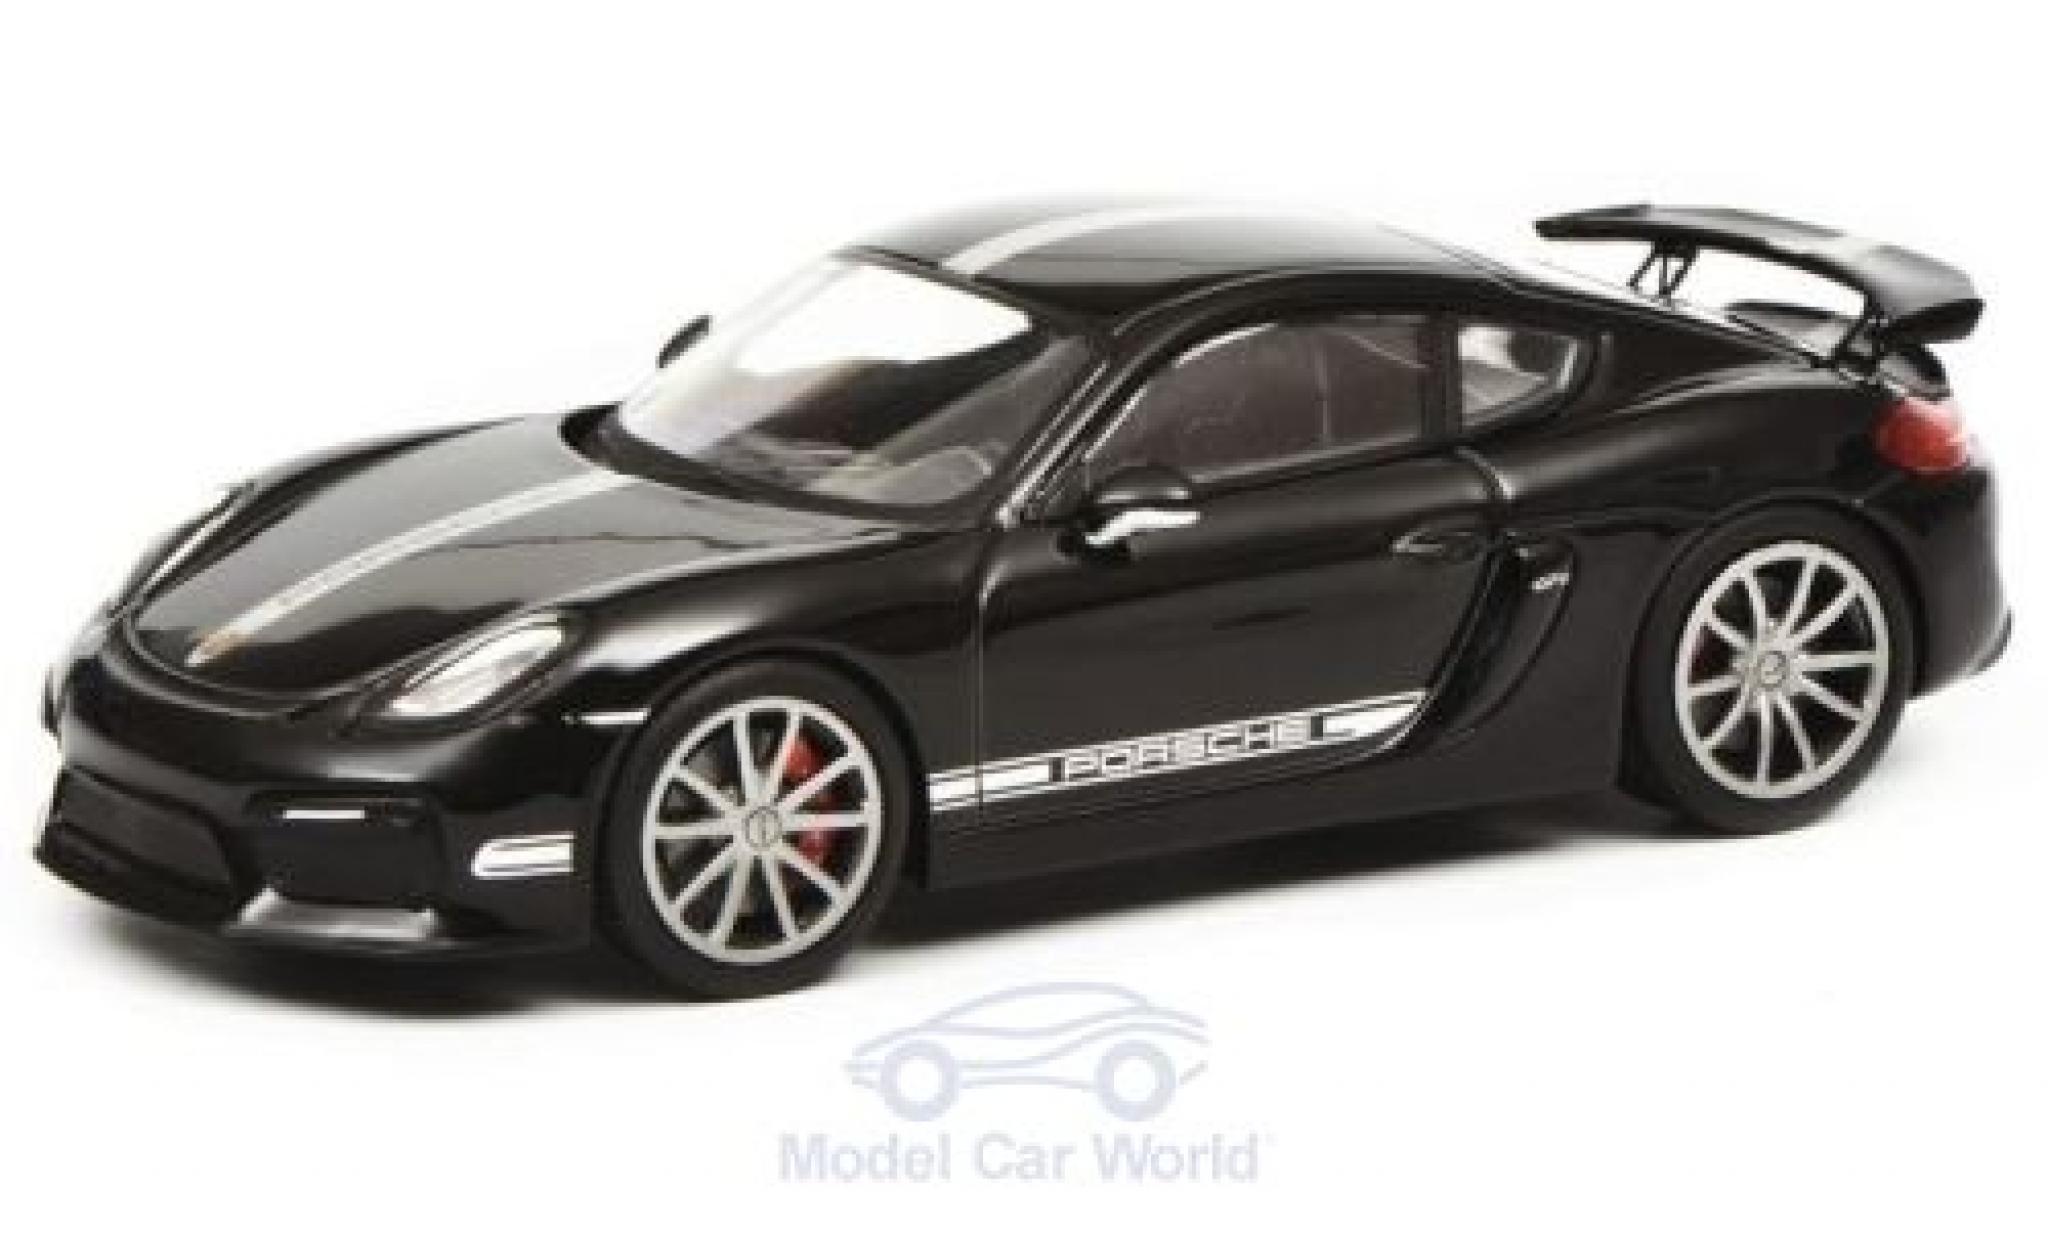 Porsche Cayman 1/43 Schuco GT4 (981c) schwarz/silber 2015